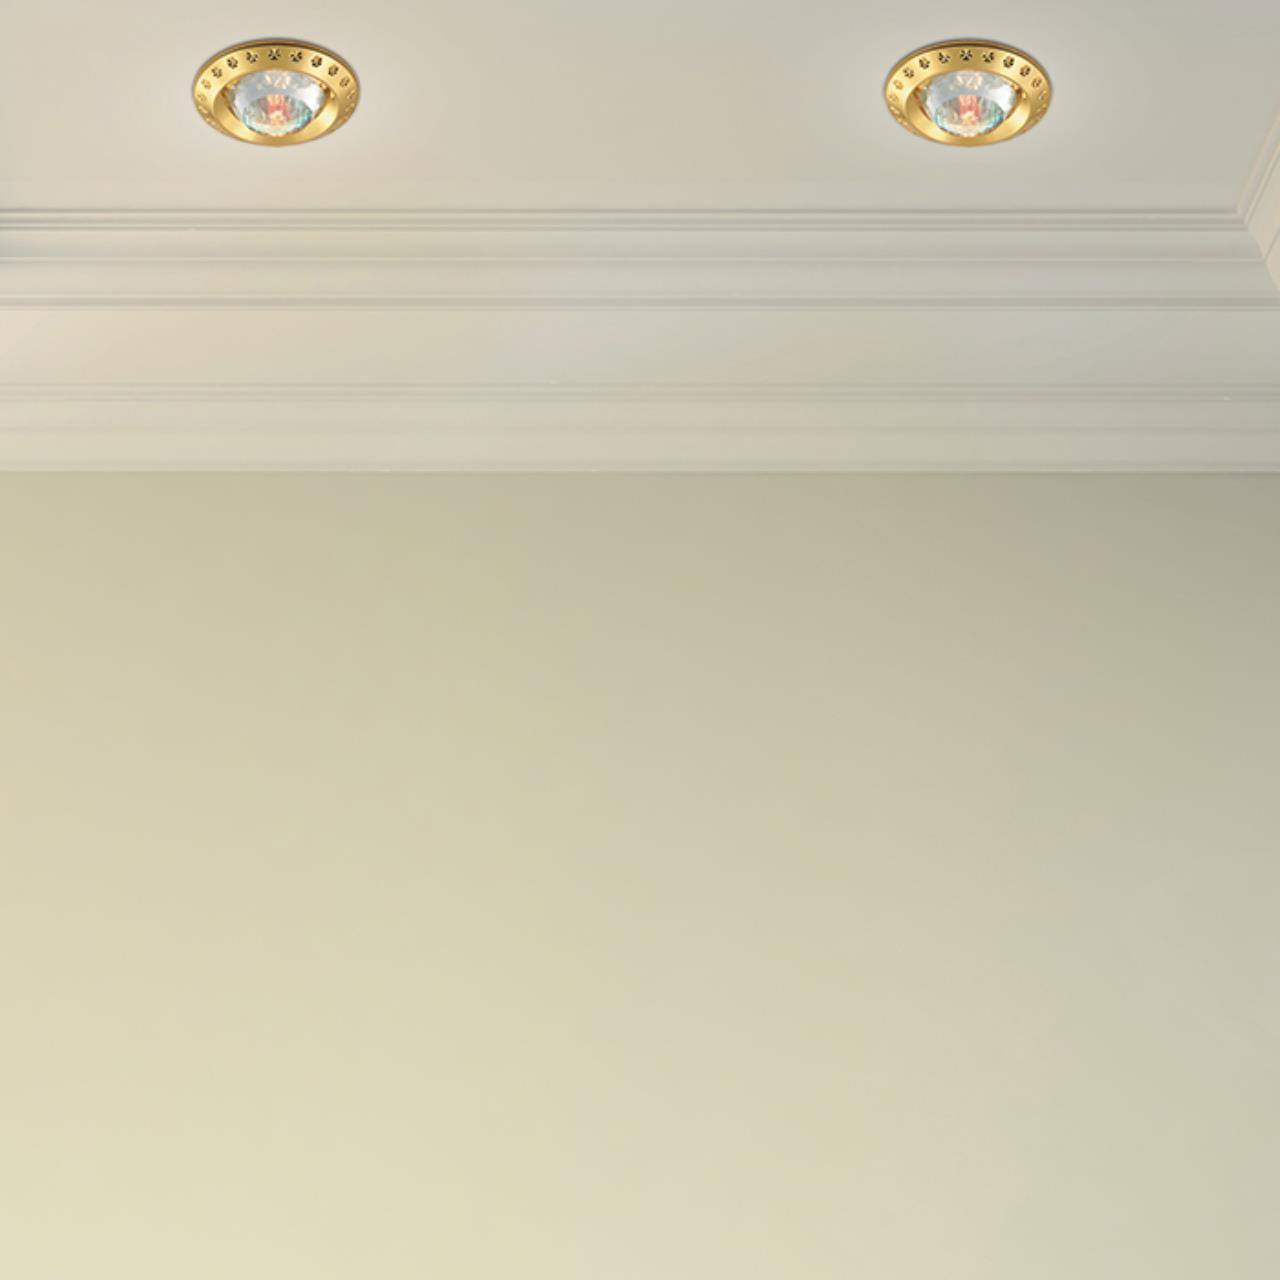 Встраиваемый светильник Novotech Glam 369648, 1xGU5.3x50W, золото, прозрачный, металл, хрусталь - фото 2